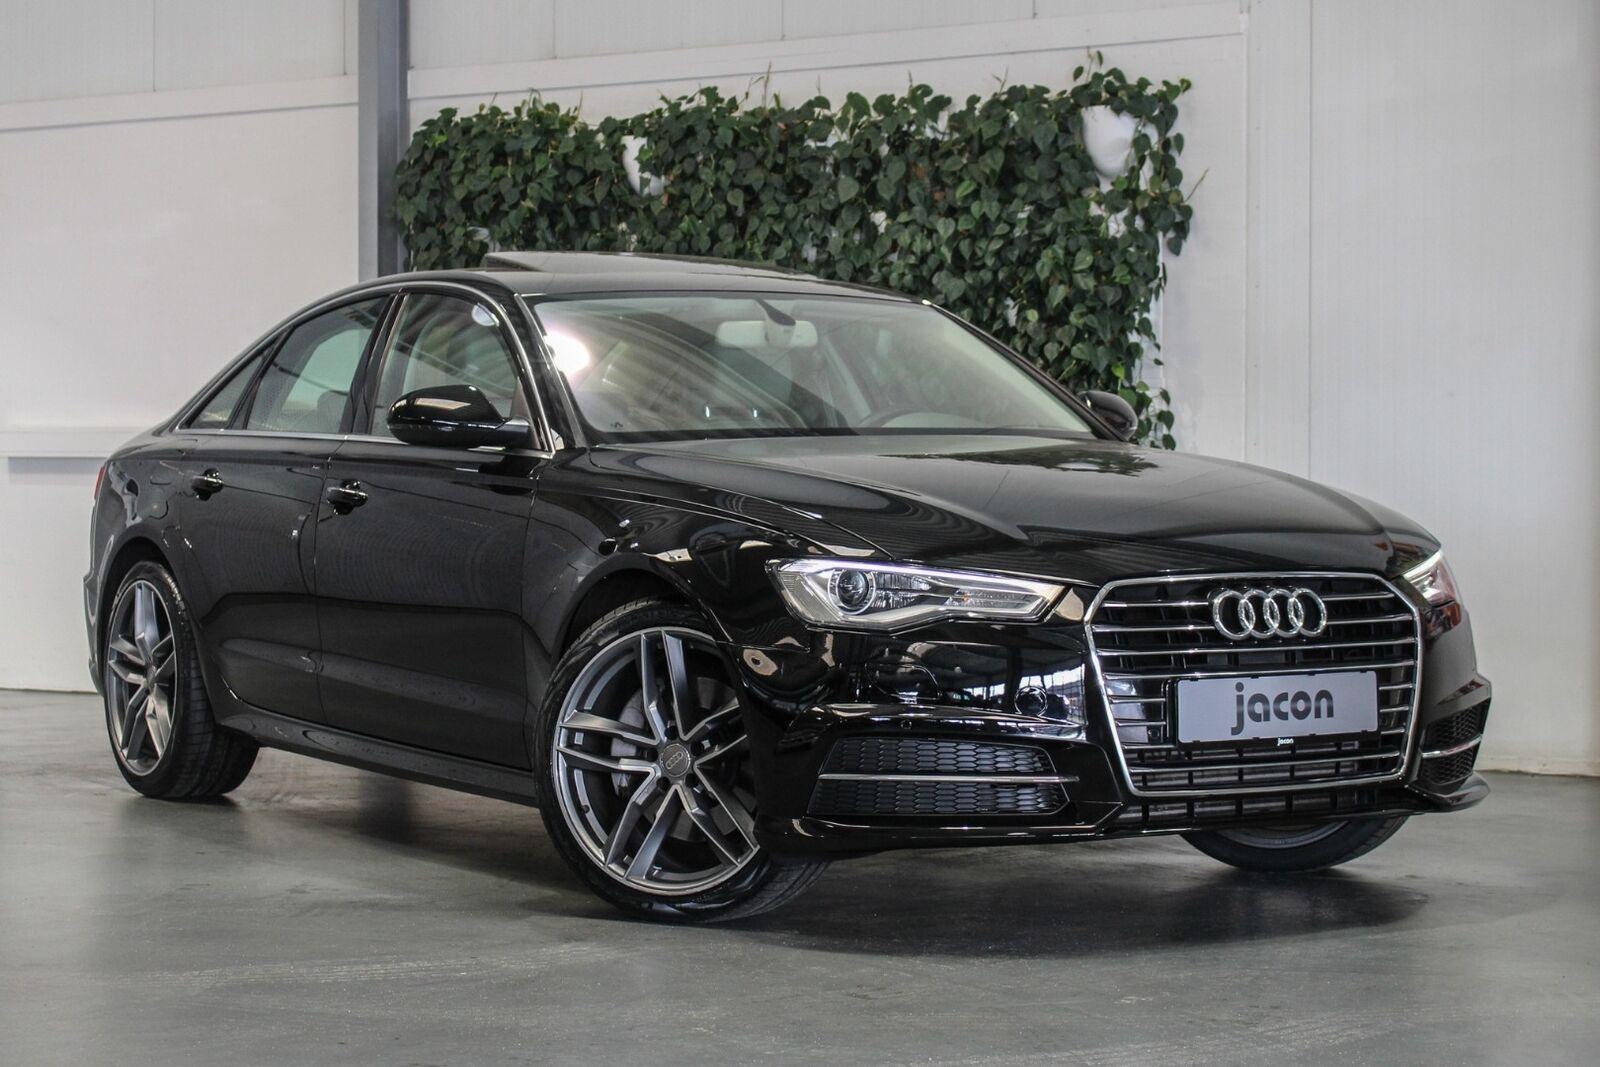 Audi A6 2,0 TFSi 252 S-tr. 4d - 319.900 kr.